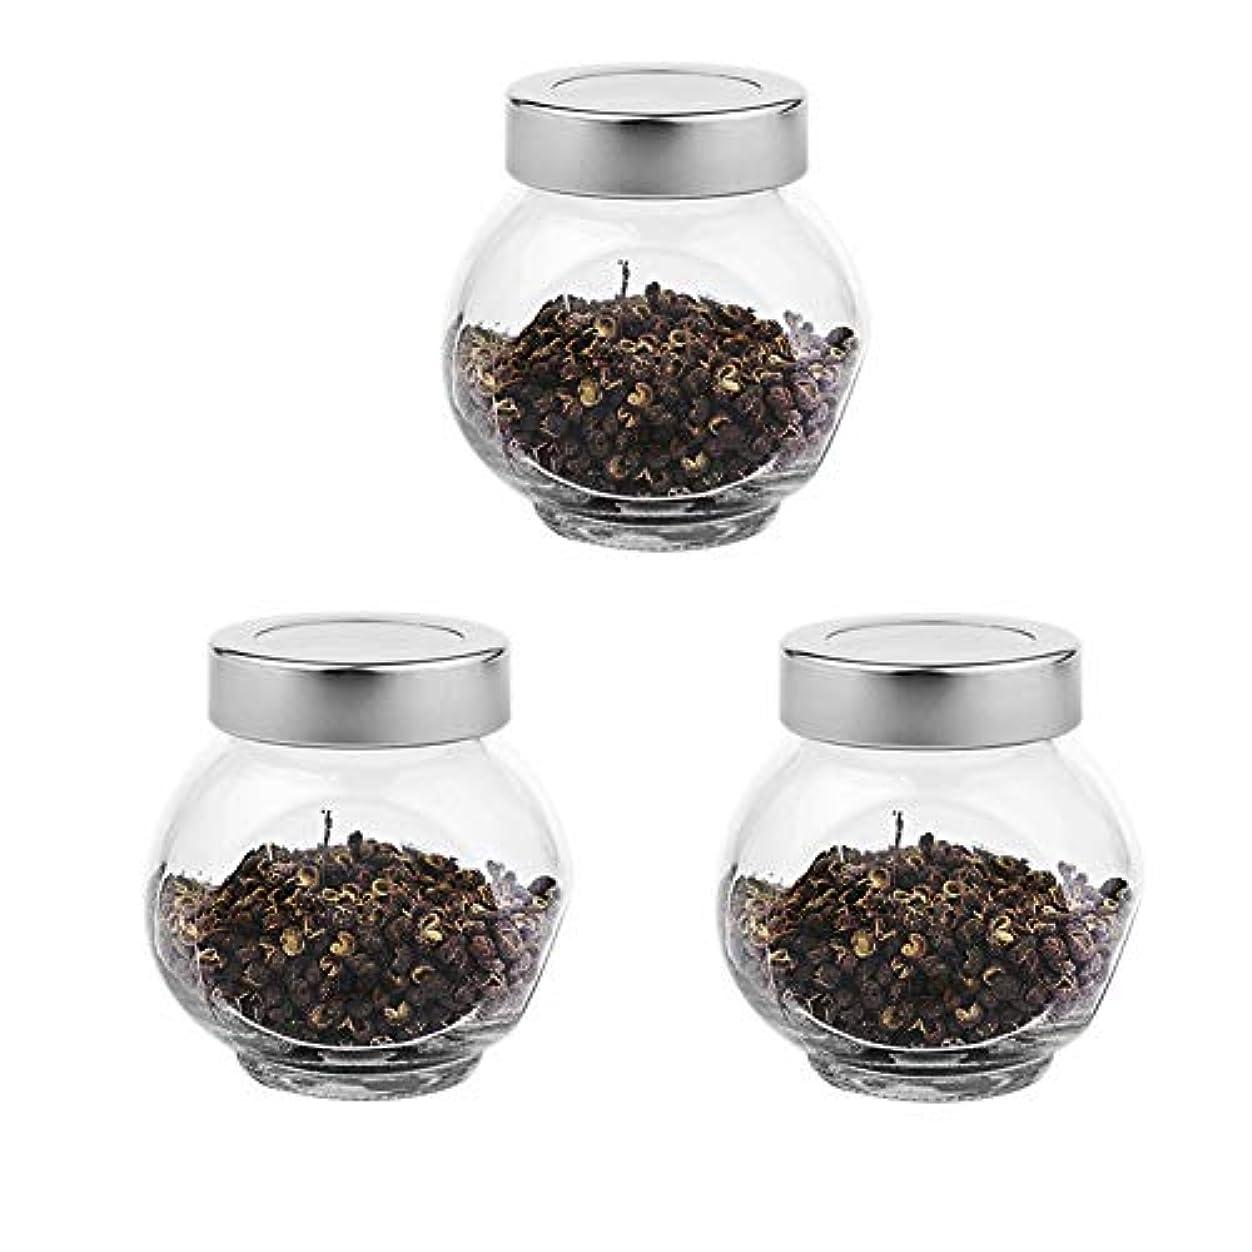 つかむ積極的にゴシップ3つの透明ガラス貯蔵容器茶/季節封印缶(200 ml)の貯蔵ジャーパック